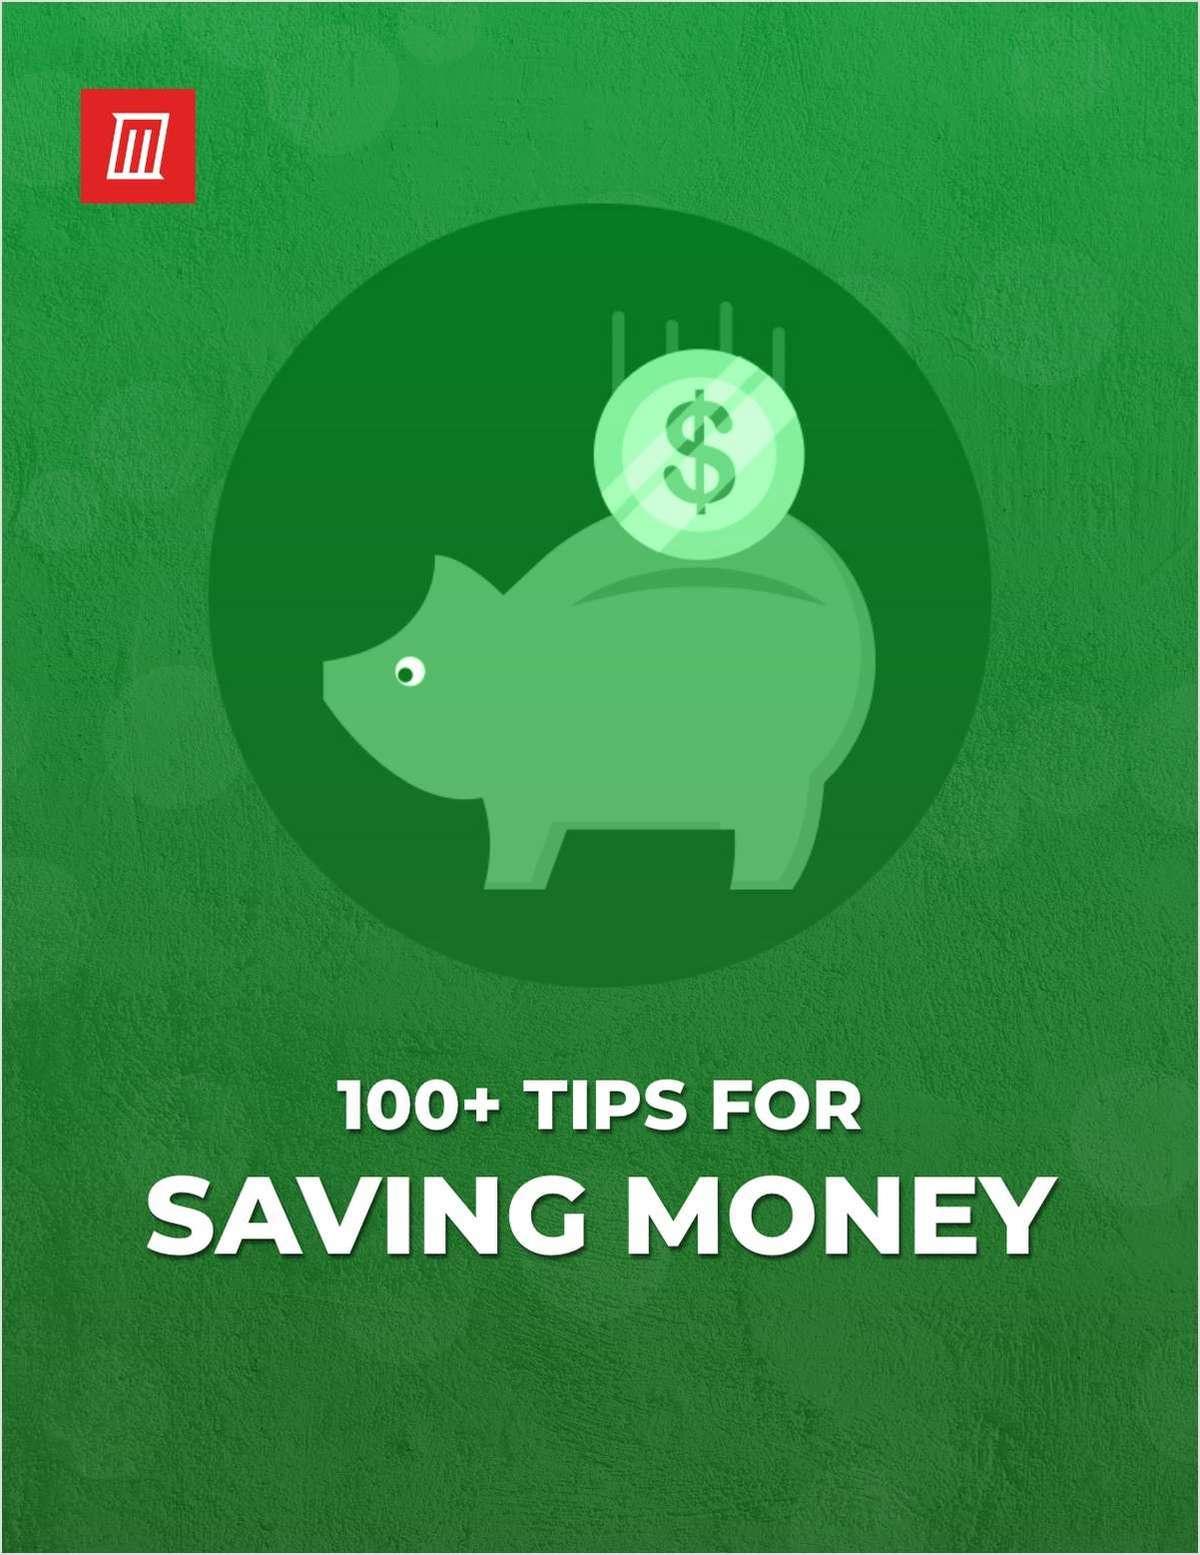 100+ Tips for Saving Money